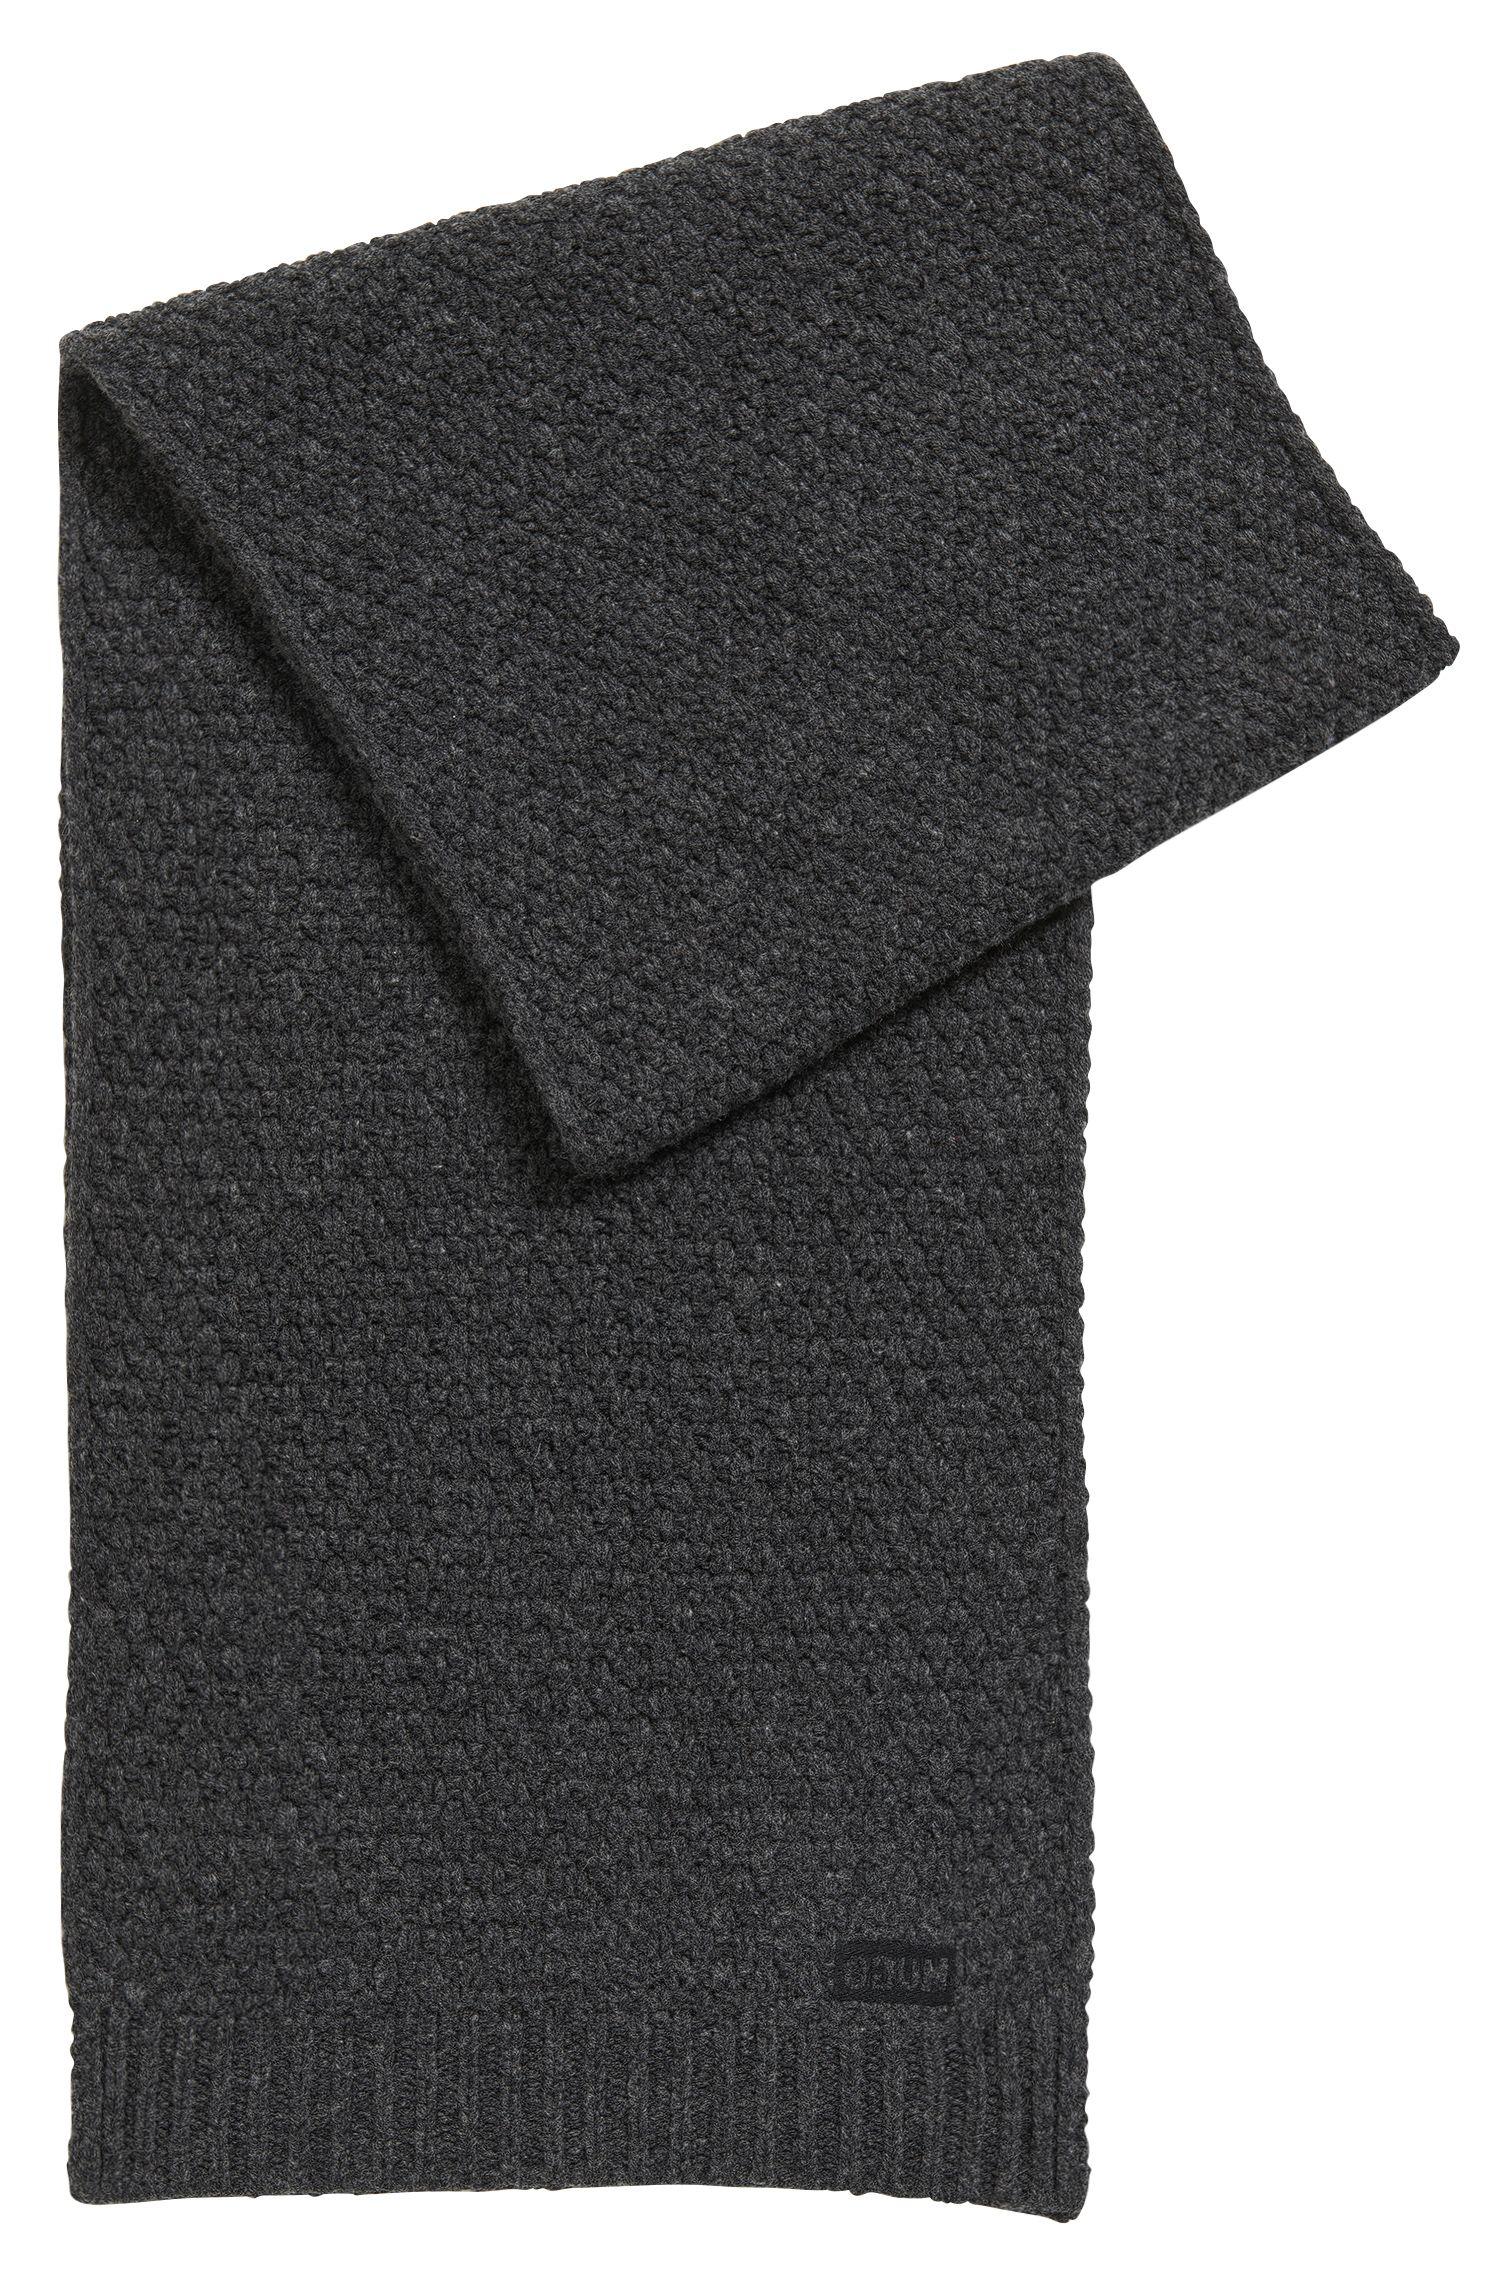 Sciarpa a maglia in lana vergine jacquard